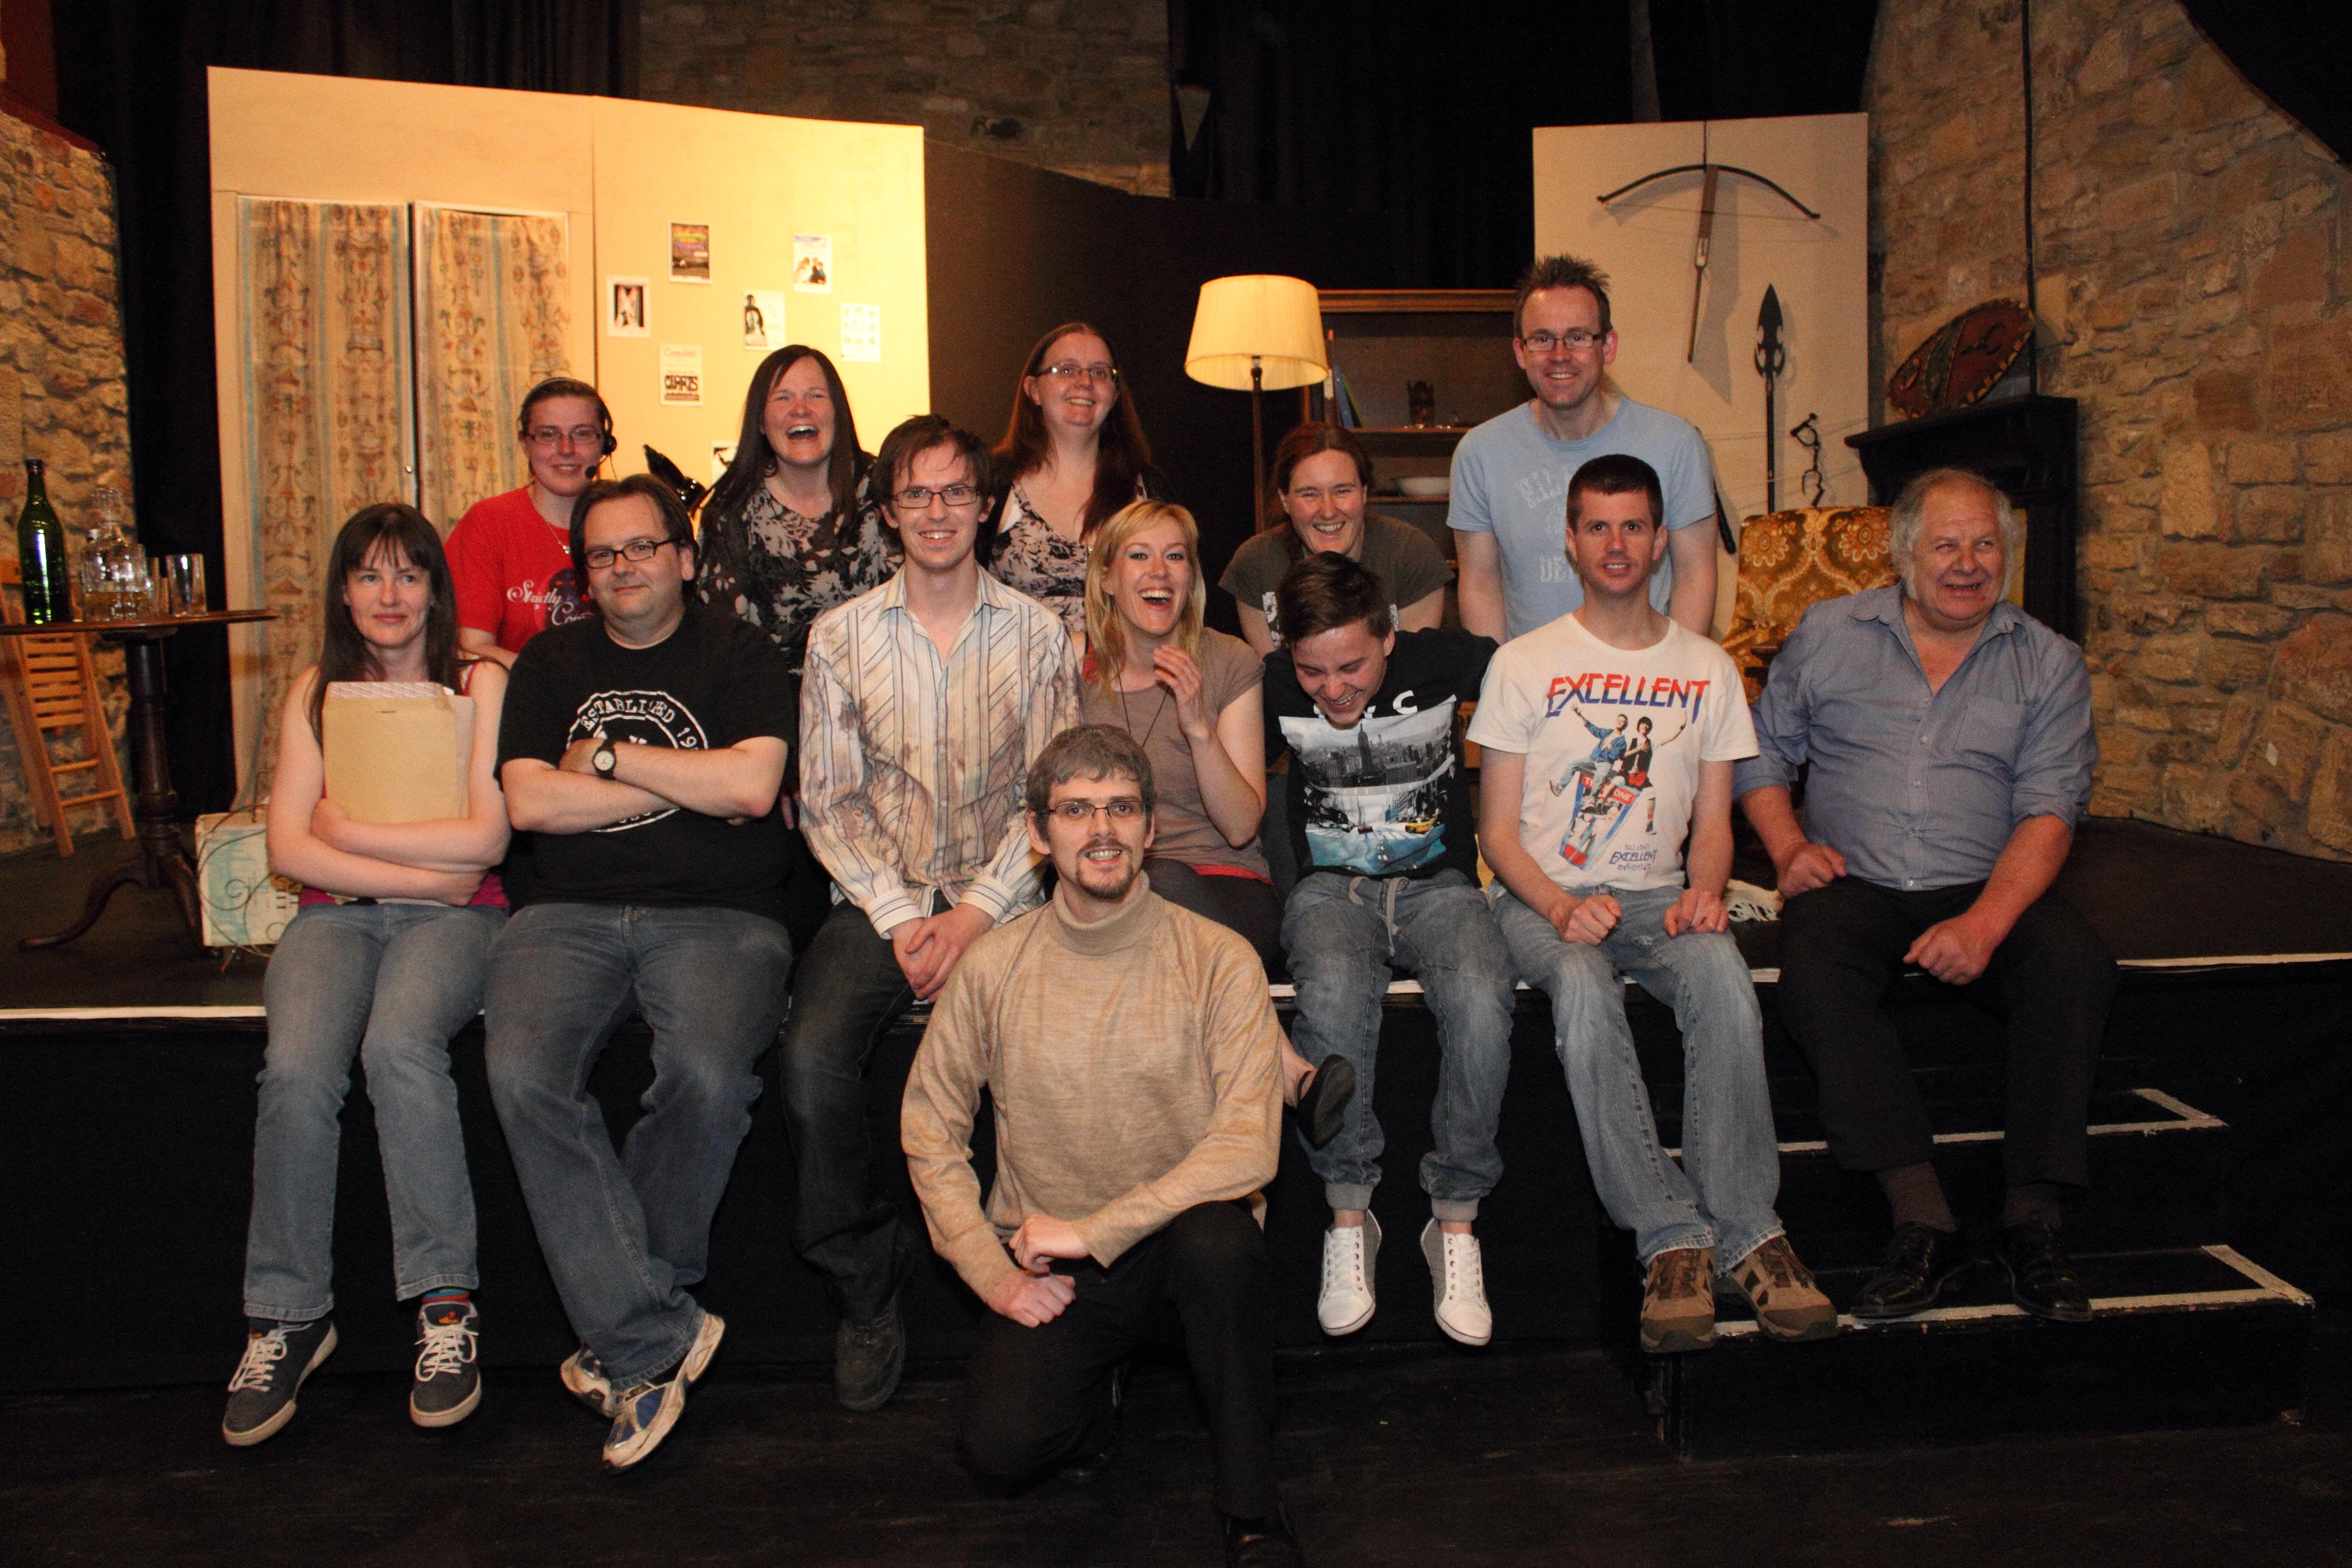 Commit error. Amateur theatre groups